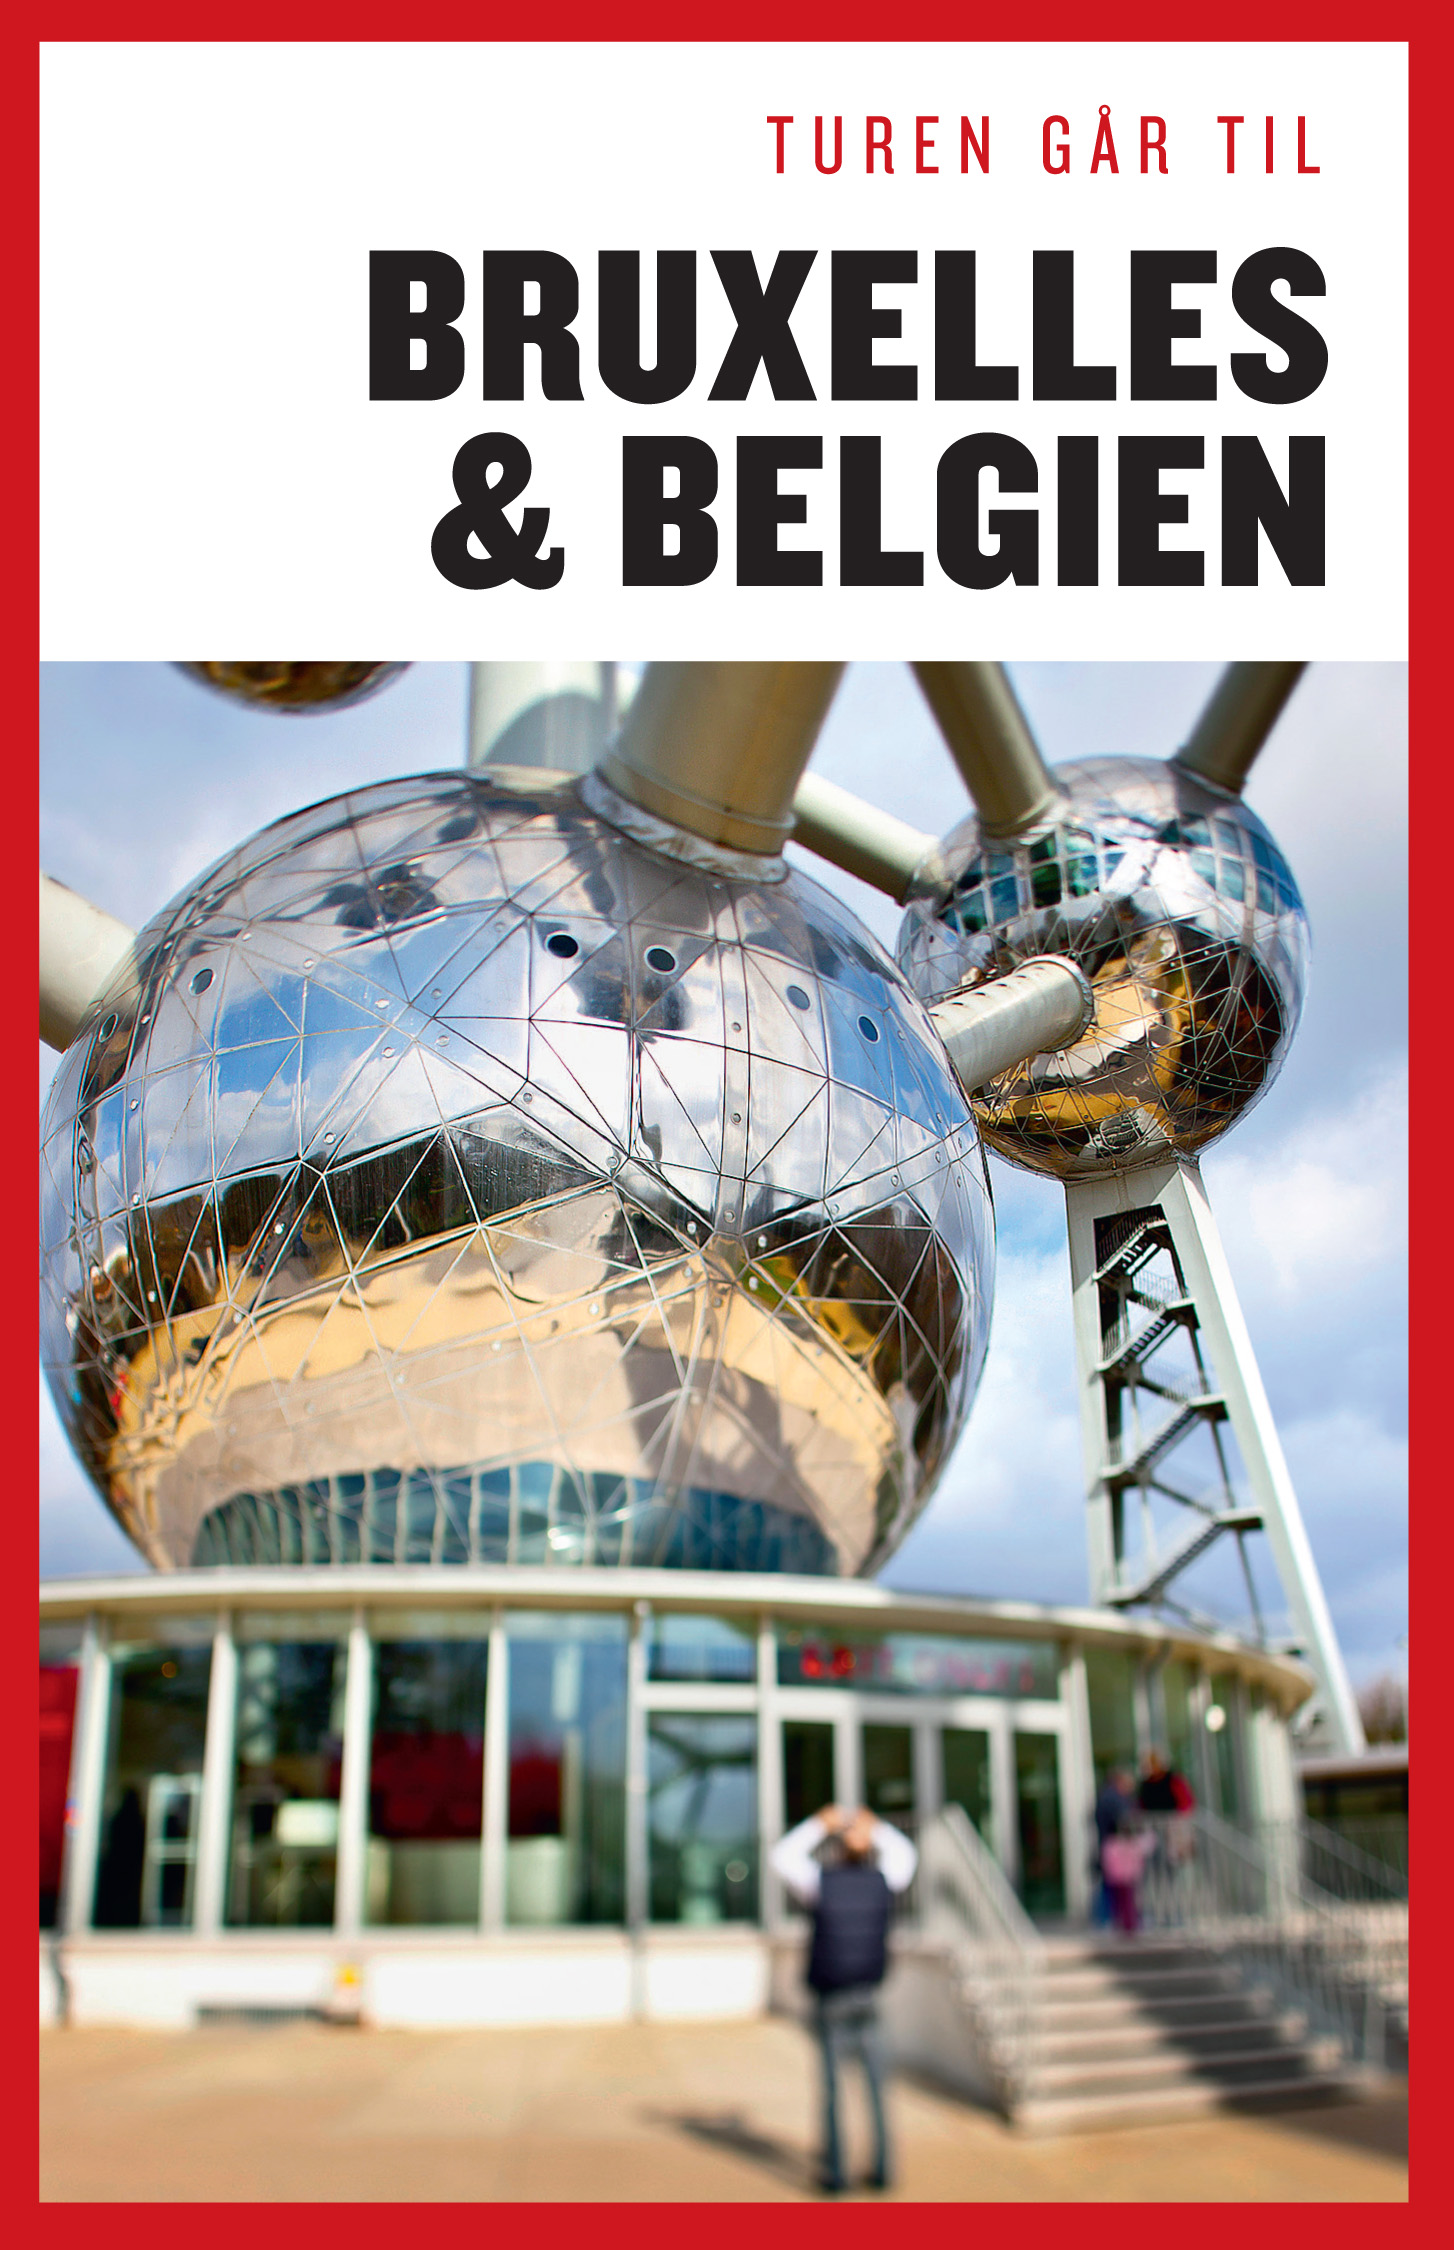 Turen går til Bruxelles og Belgien